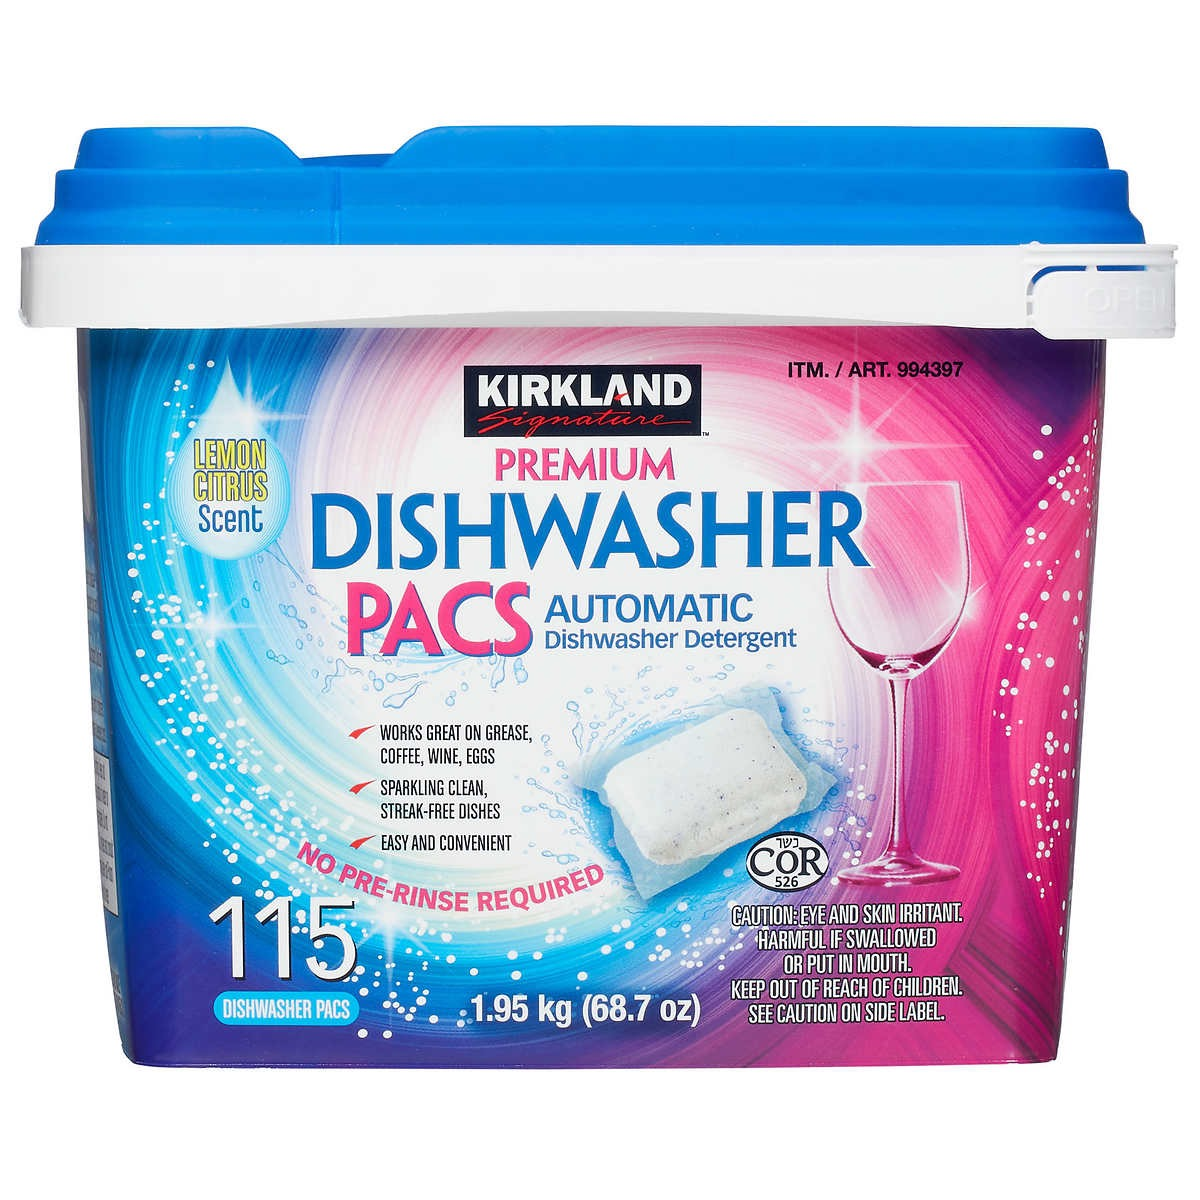 Costco Dishwasher Pacs {Costco Store-Brand}